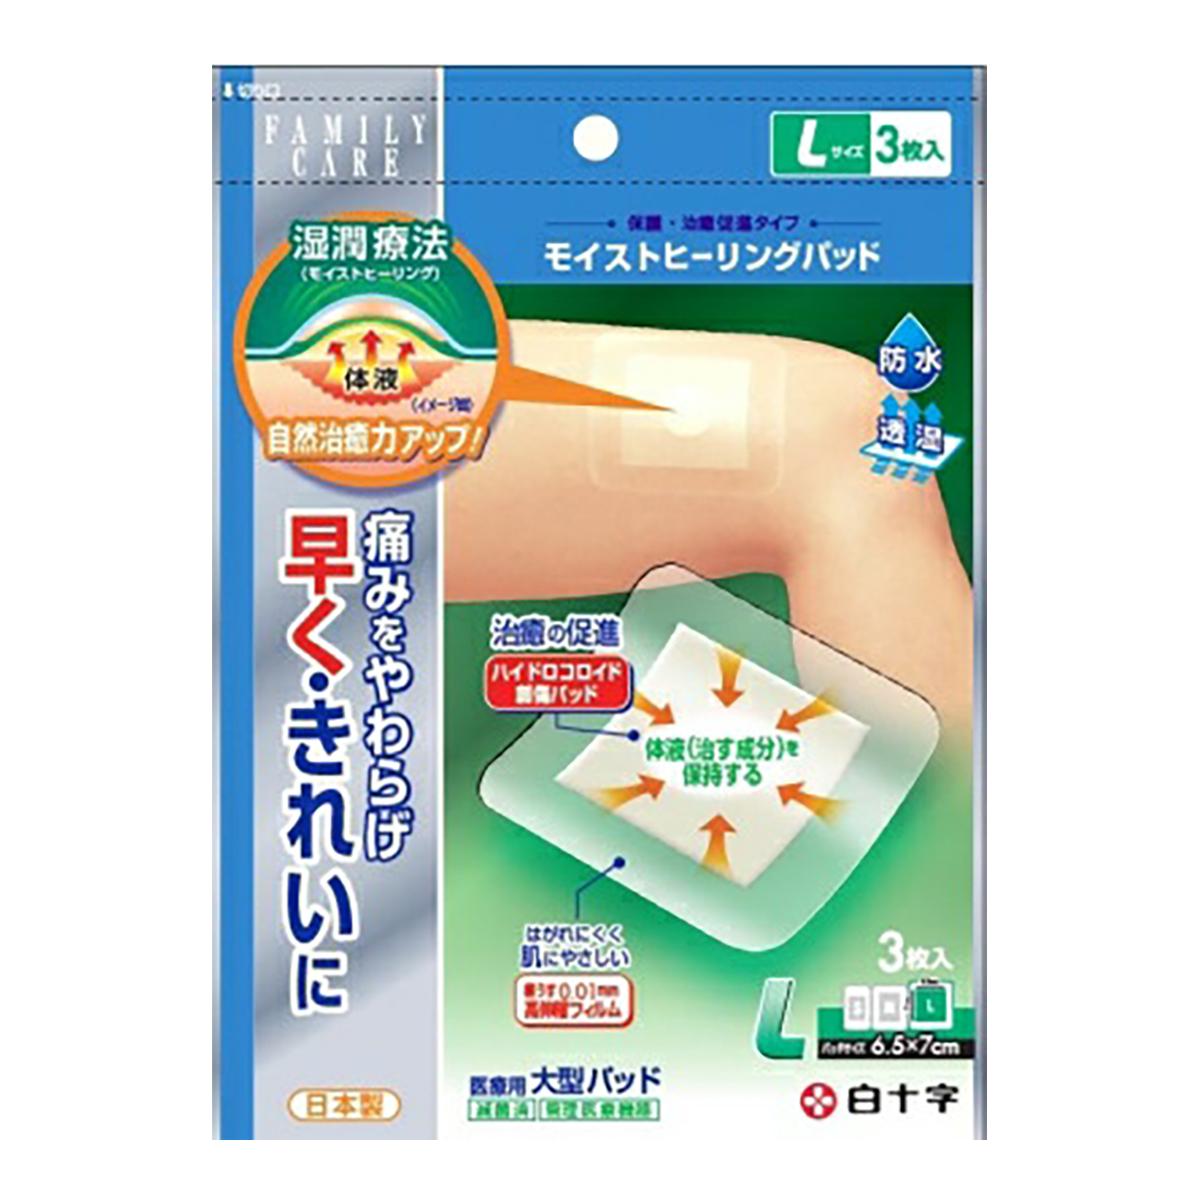 【送料無料】FC モイストヒーリングパッド L 3枚入×100個セット ( 4987603464711 )